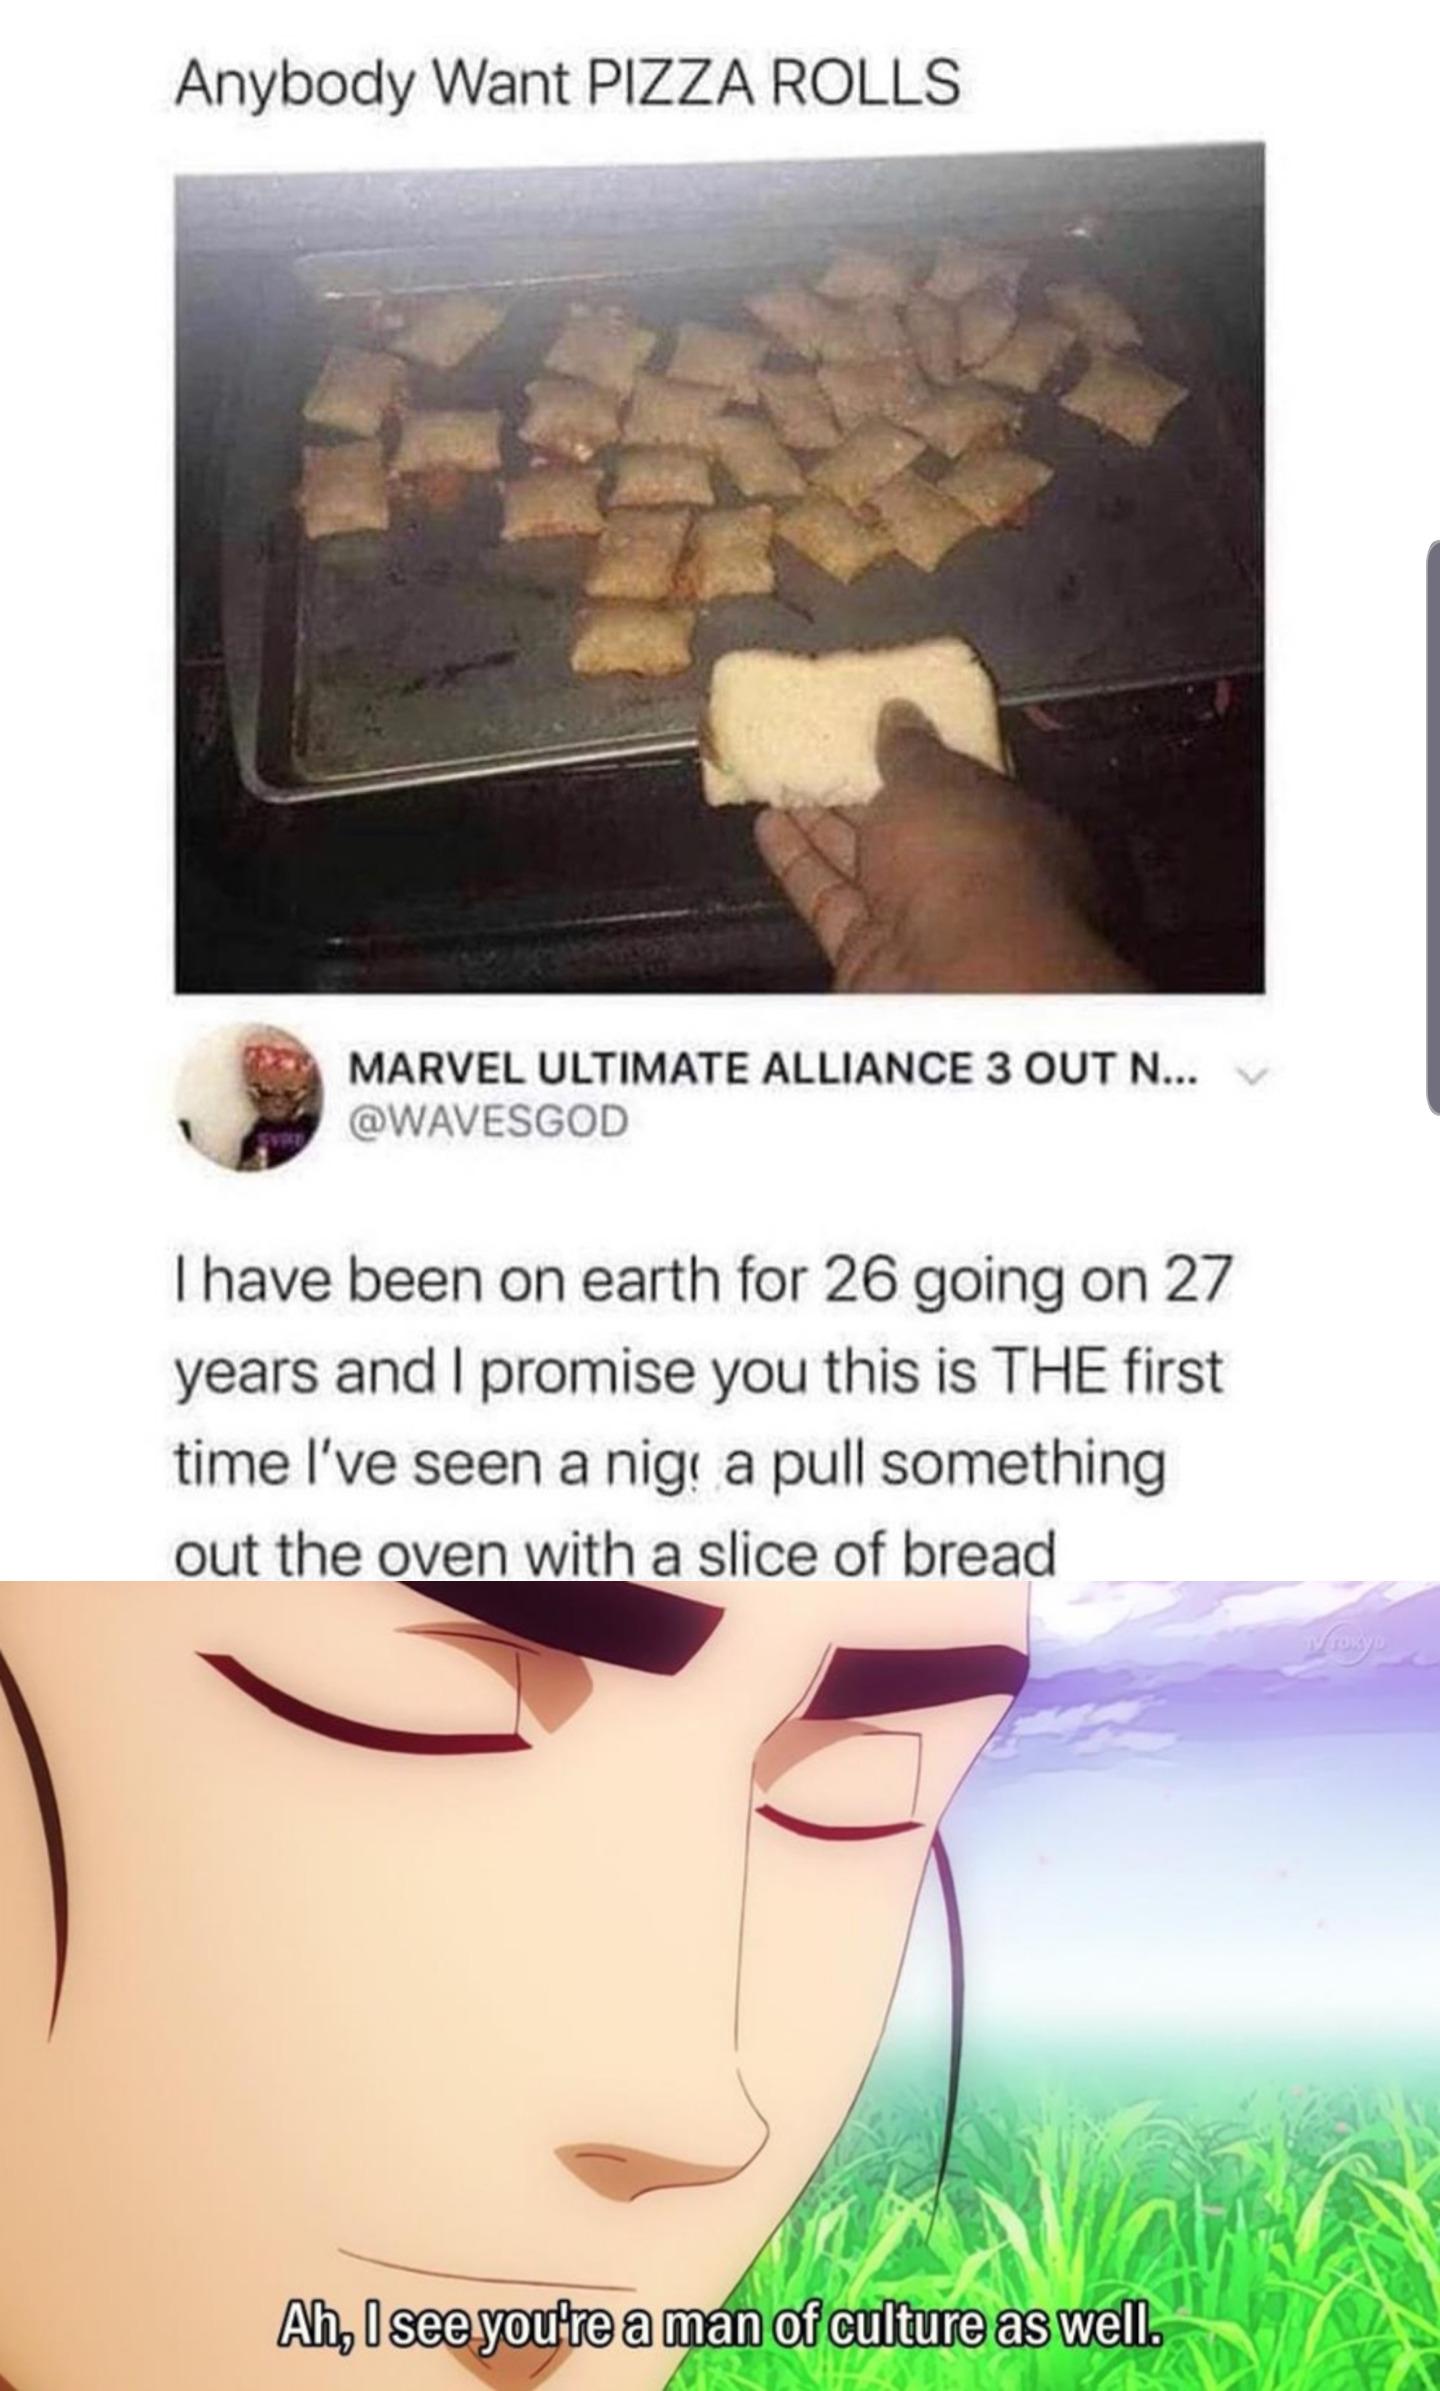 Bread glove